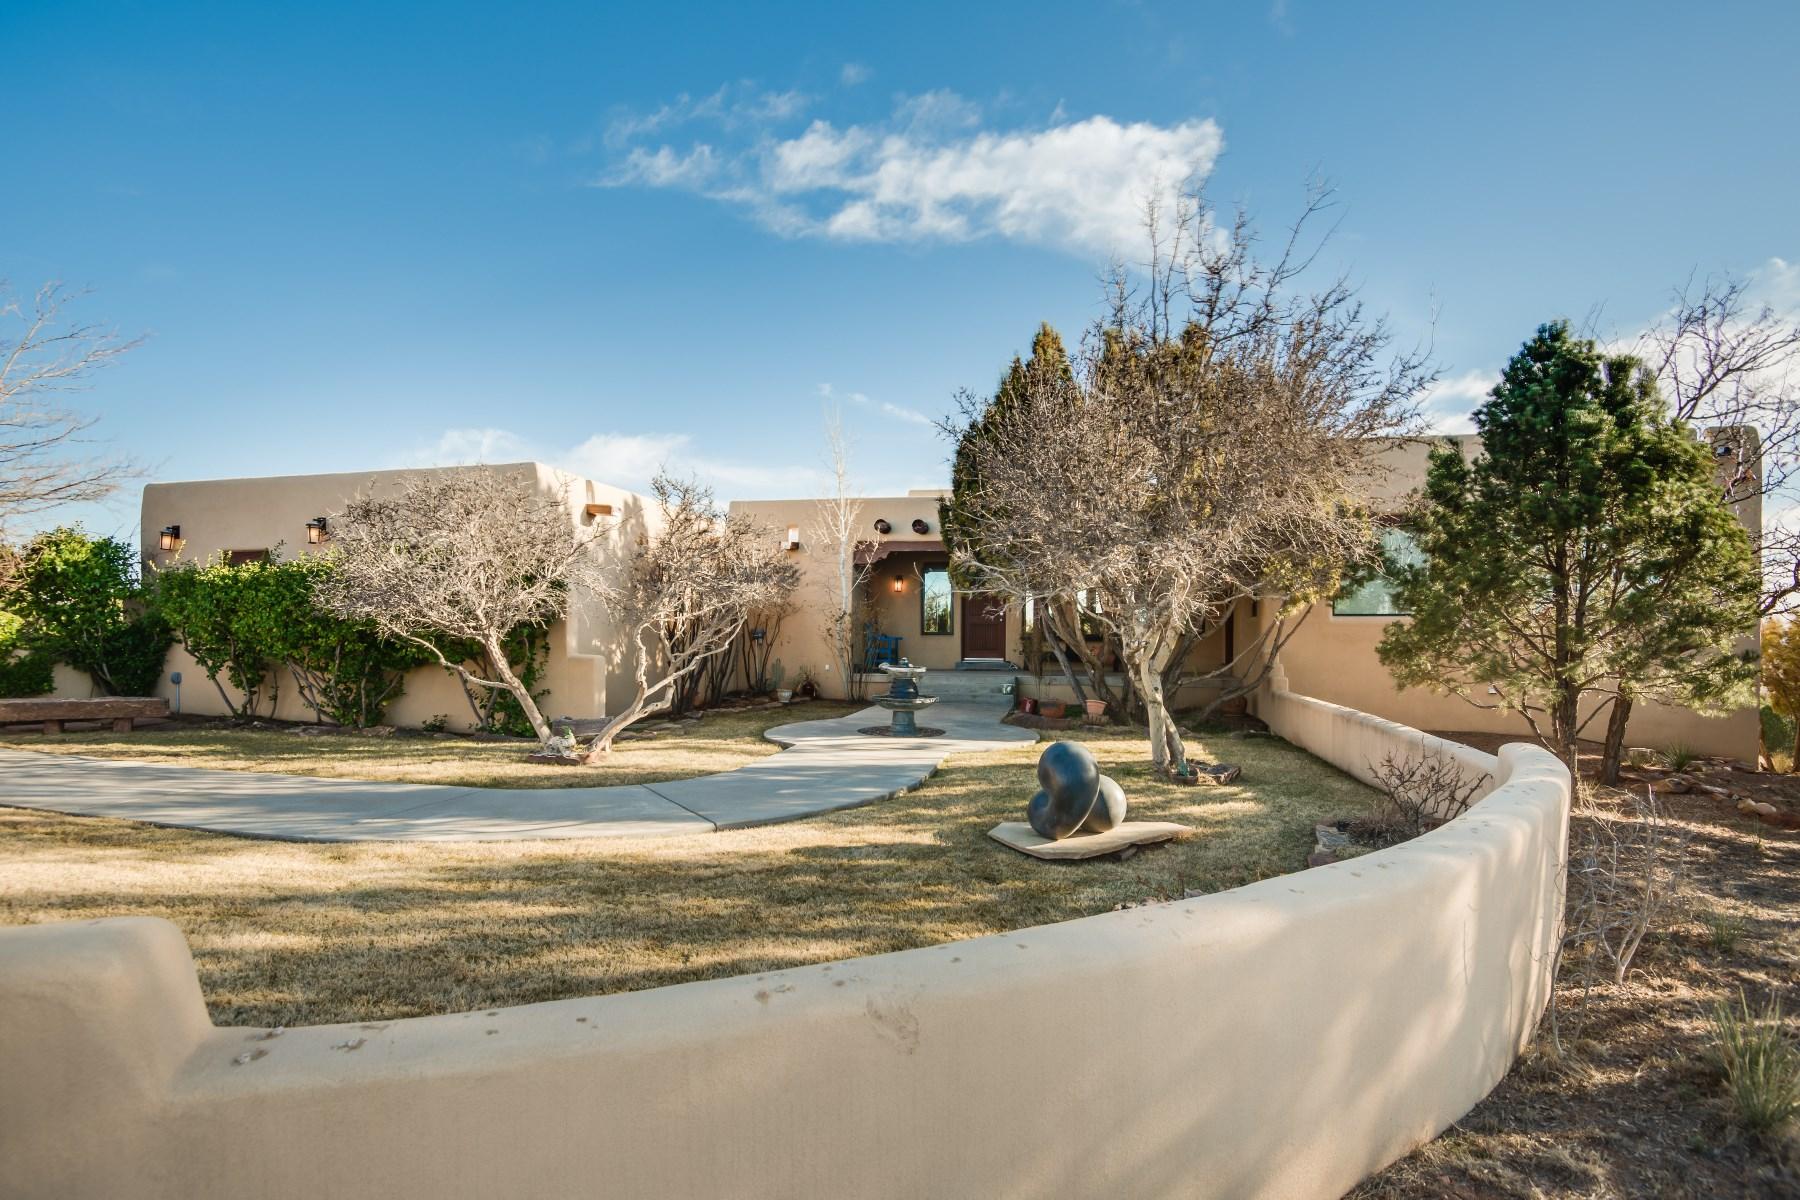 Single Family Home for Sale at 16 E Paseo Del Caballo 16 Paseo Del Caballo E Santa Fe, New Mexico, 87508 United States